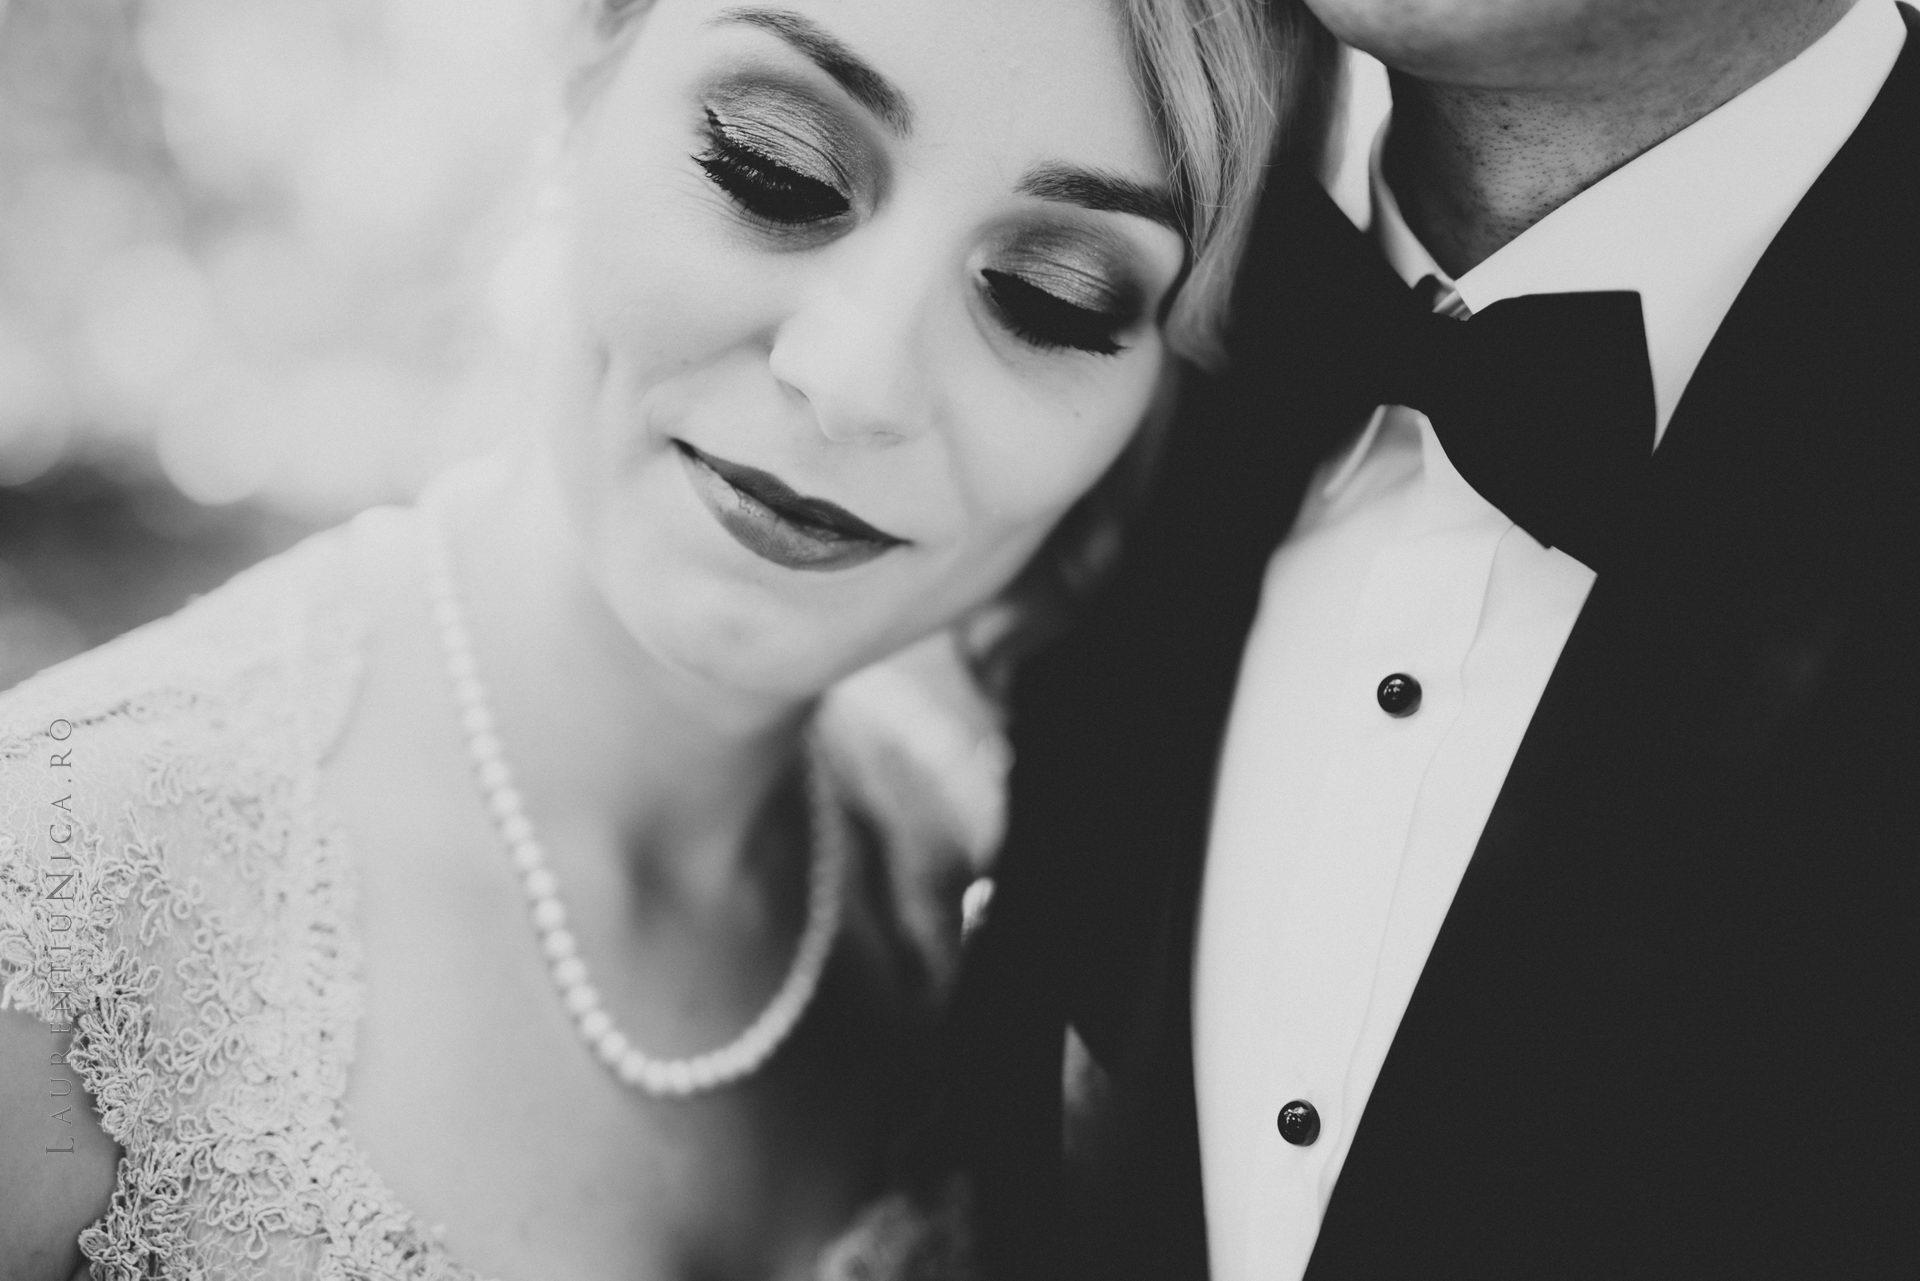 lavinia si adi fotograf laurentiu nica craiova 026 - Lavinia & Adi | Fotografii nunta